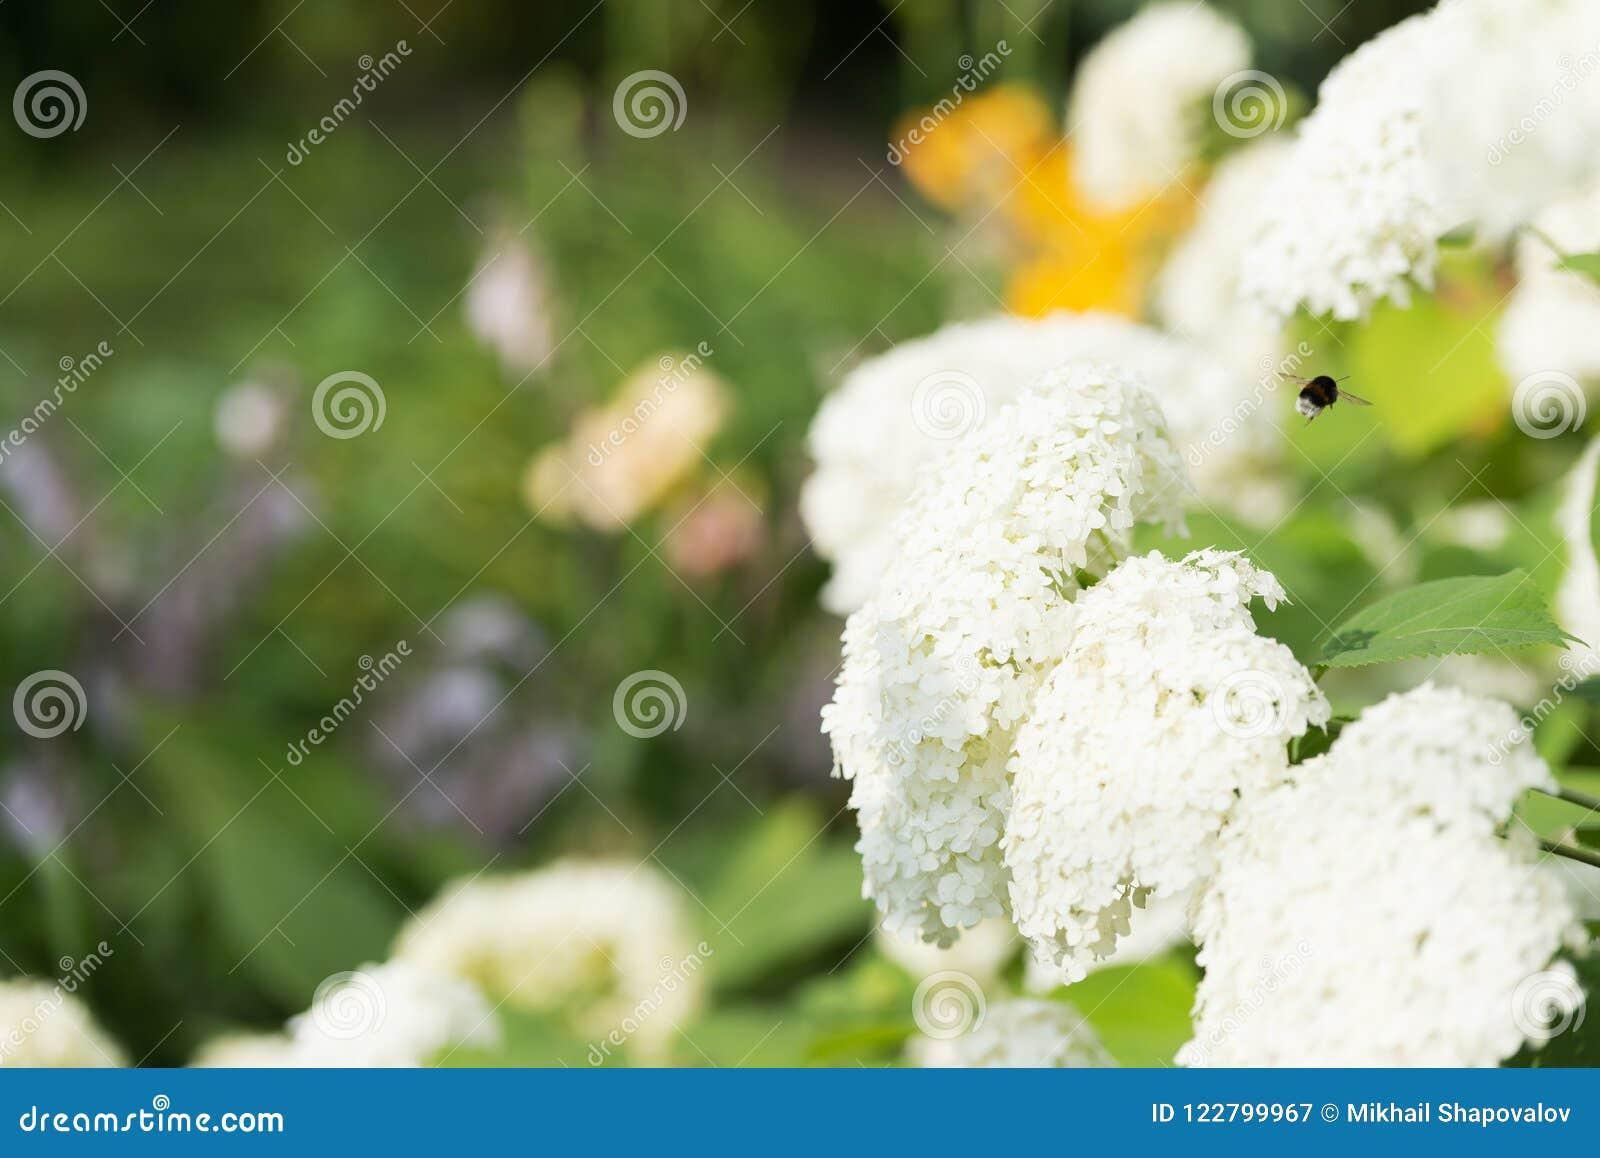 Un volo di un bombo attraverso il fiore si appanna